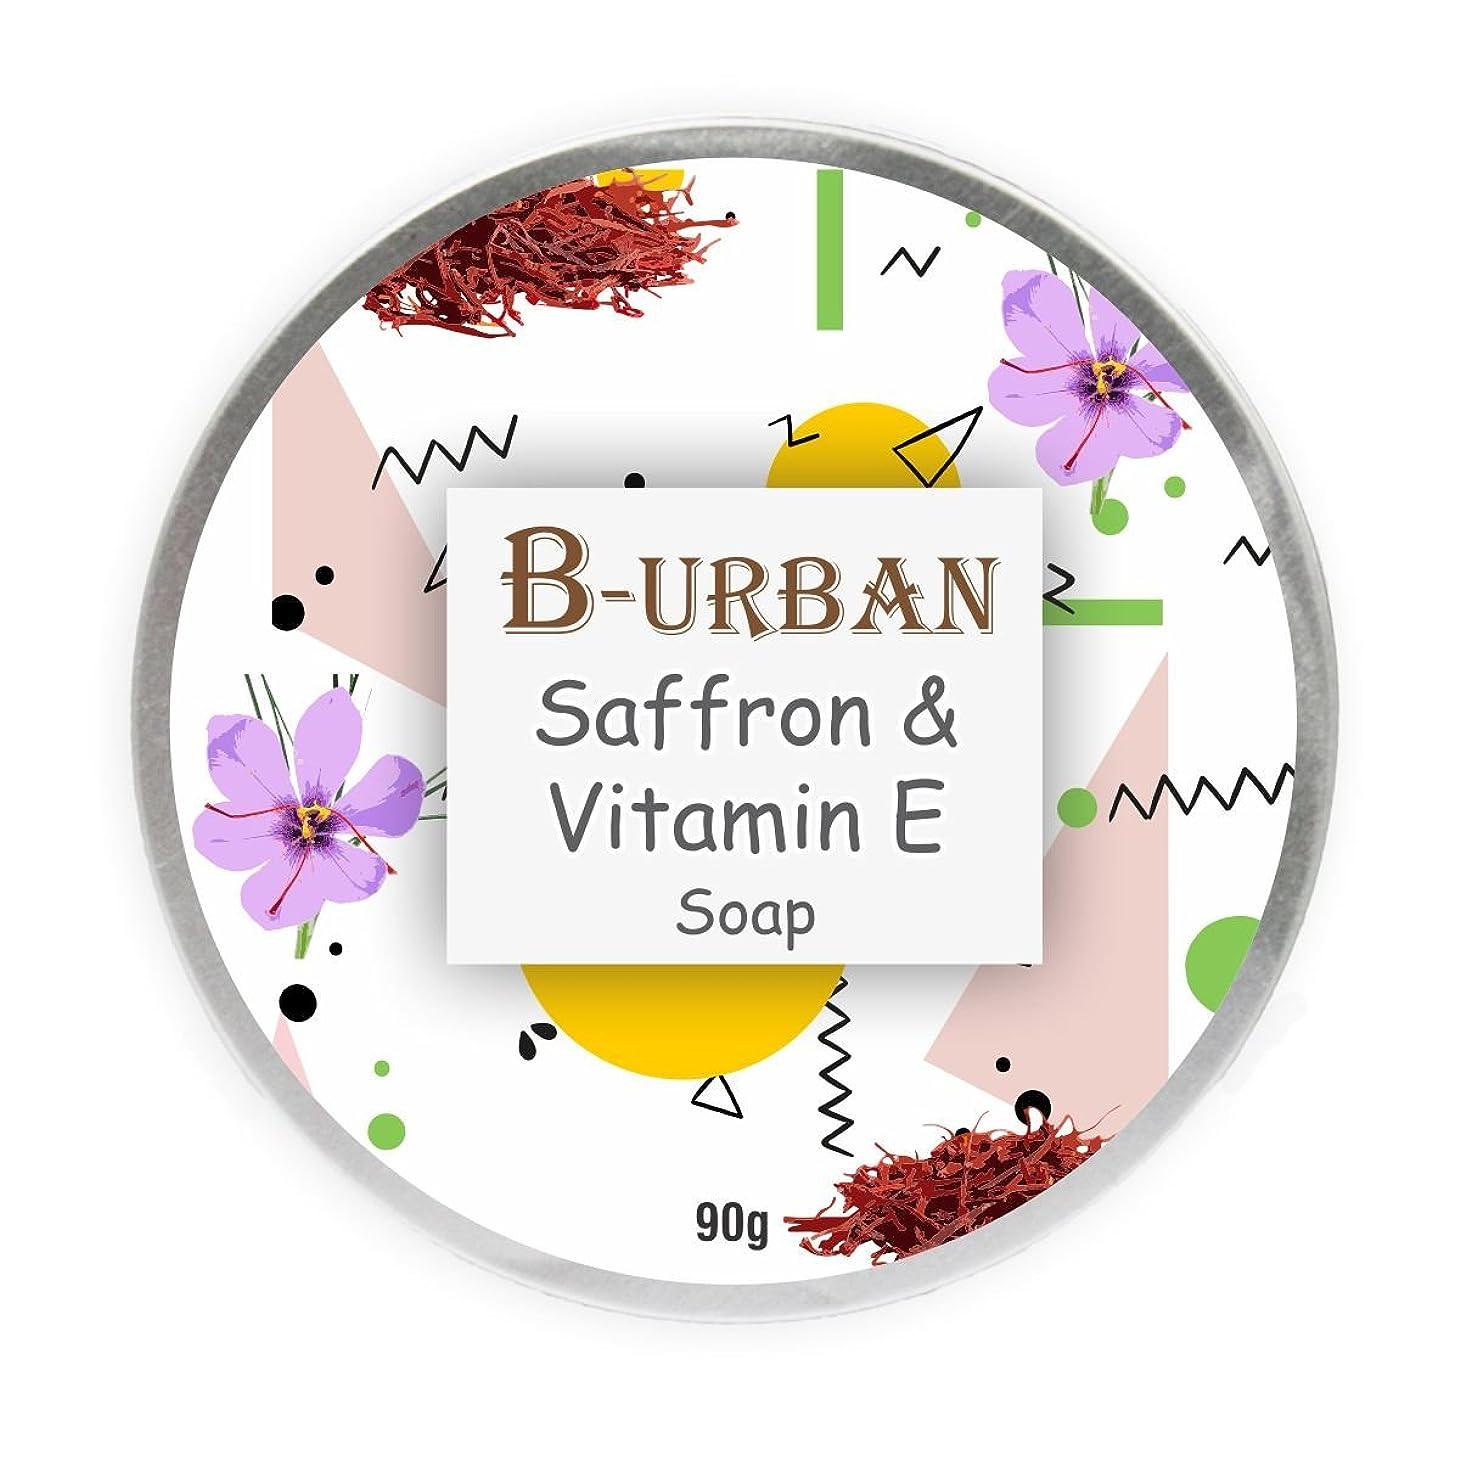 暗記する変色する動力学B-URBAN SAFFRON & VITAMIN E SOAP MADE WITH NATURAL AND ORGANIC INGREDIENTS. PARABEN AND SULPHATE FREE. SOAP FOR SENSITIVE SKIN. COMES IN A UNIQUE ALUMINIUM BOX PACK